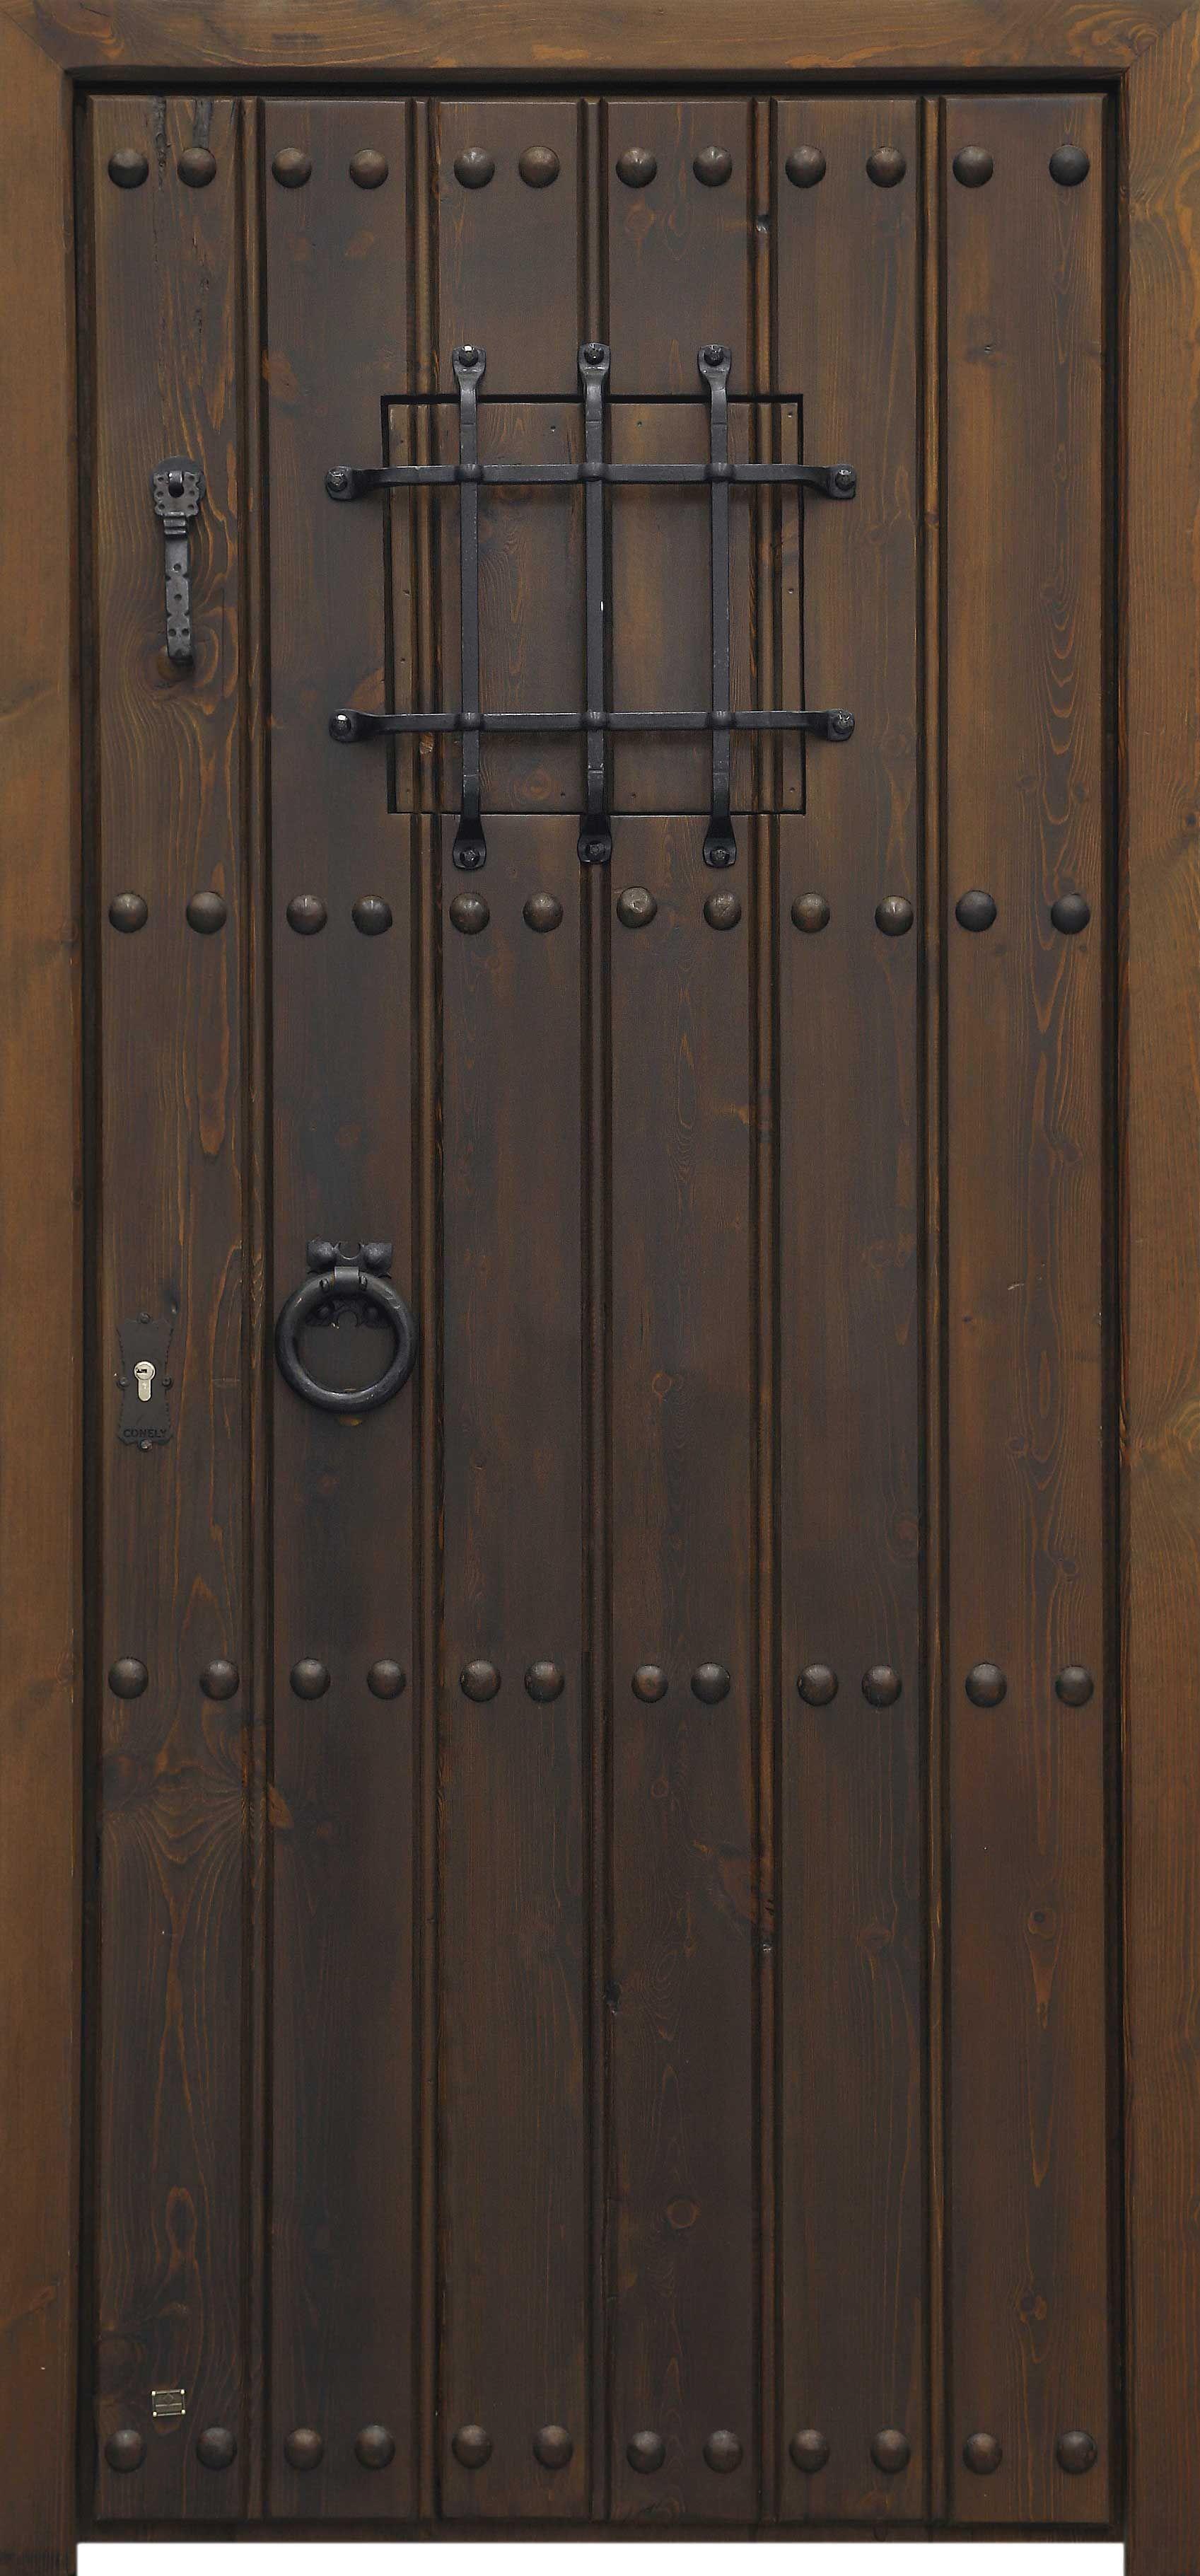 Conely puertas de madera metal y forja r sticas for Puertas de madera y hierro antiguas